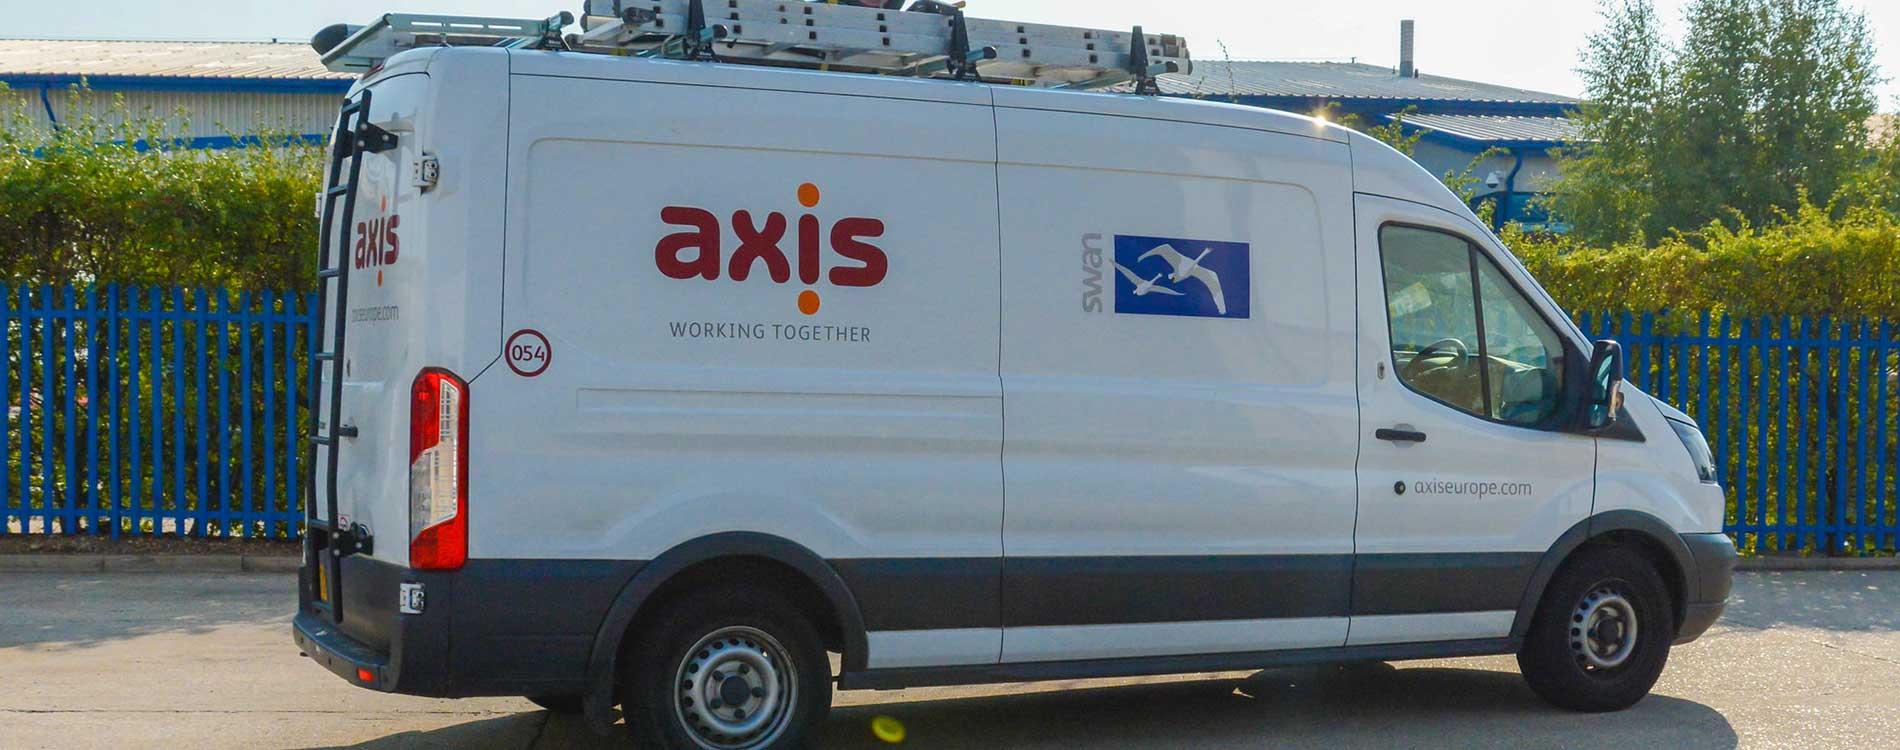 Axis and Swan dual branded van